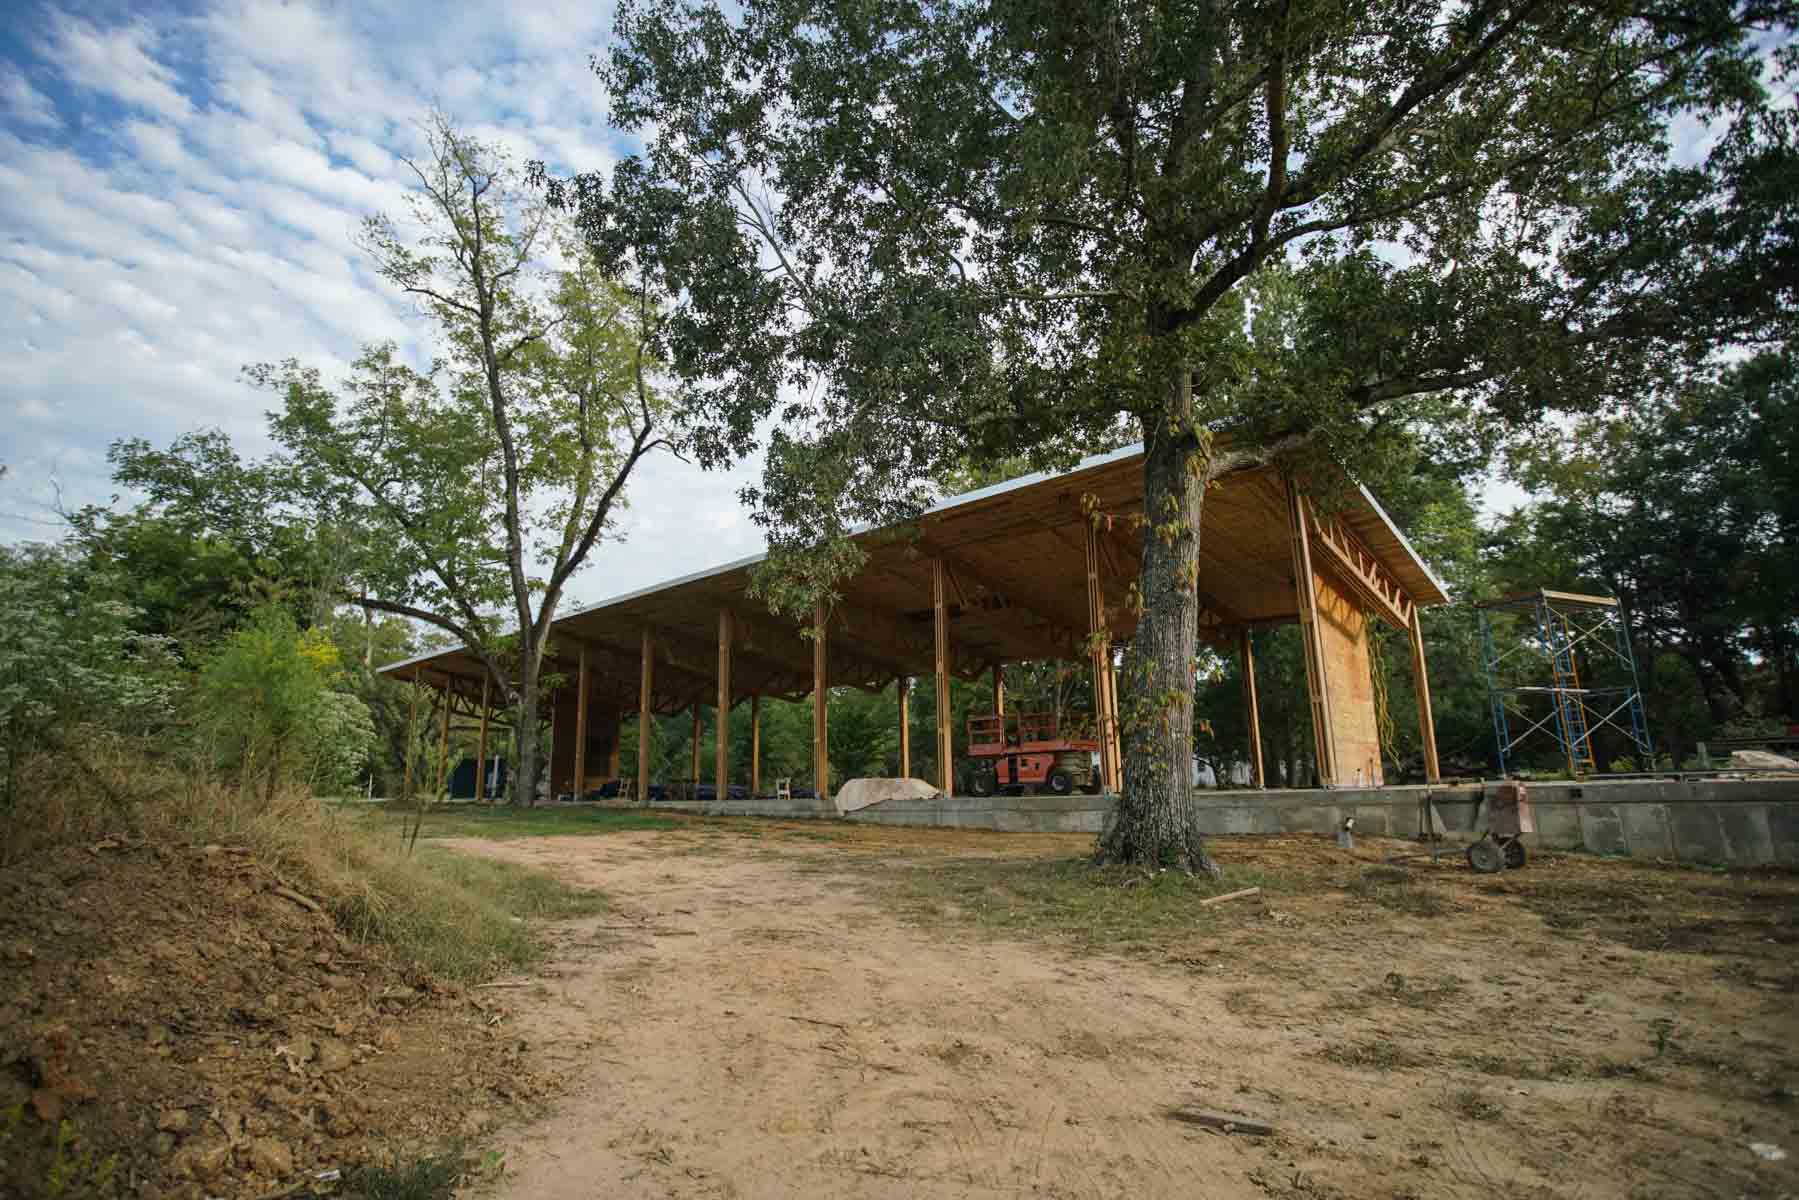 RA_rural studio_morrisette house and grounds-07045.jpg